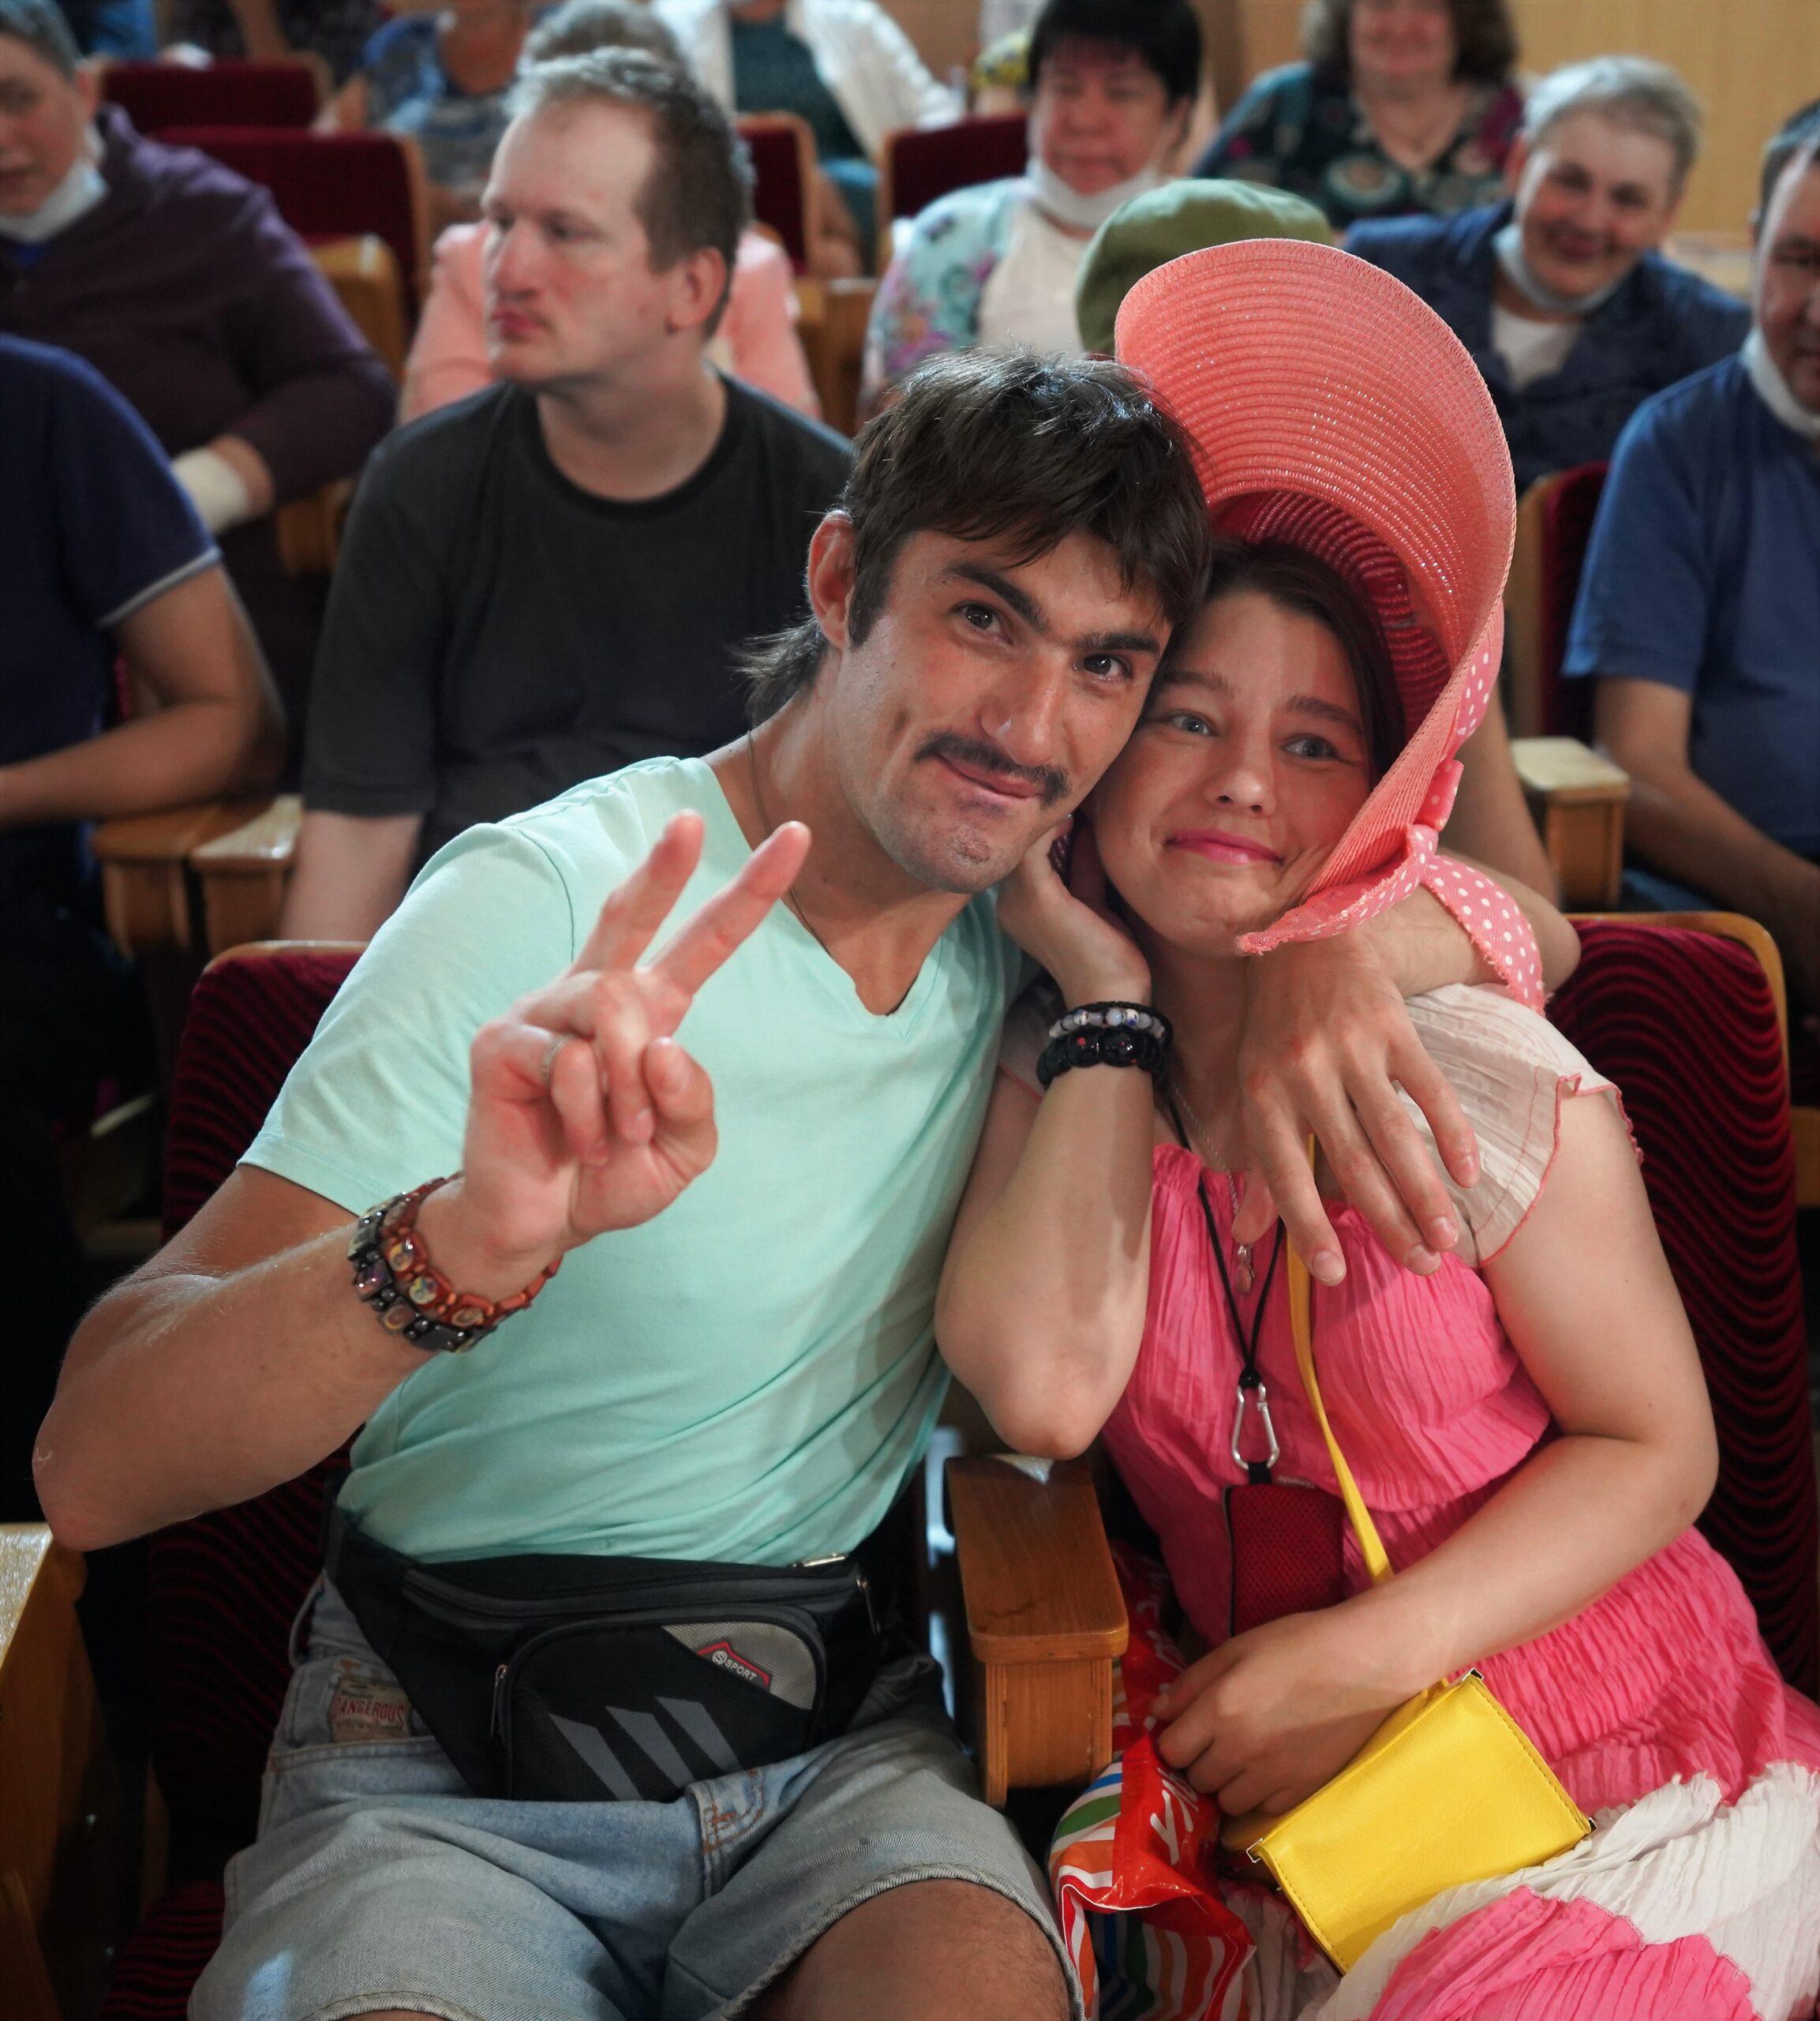 Всероссийский день семьи, любви и верности – праздник, воспевающий супружескую любовь и верность, жители России ежегодно отмечают 8 июля.